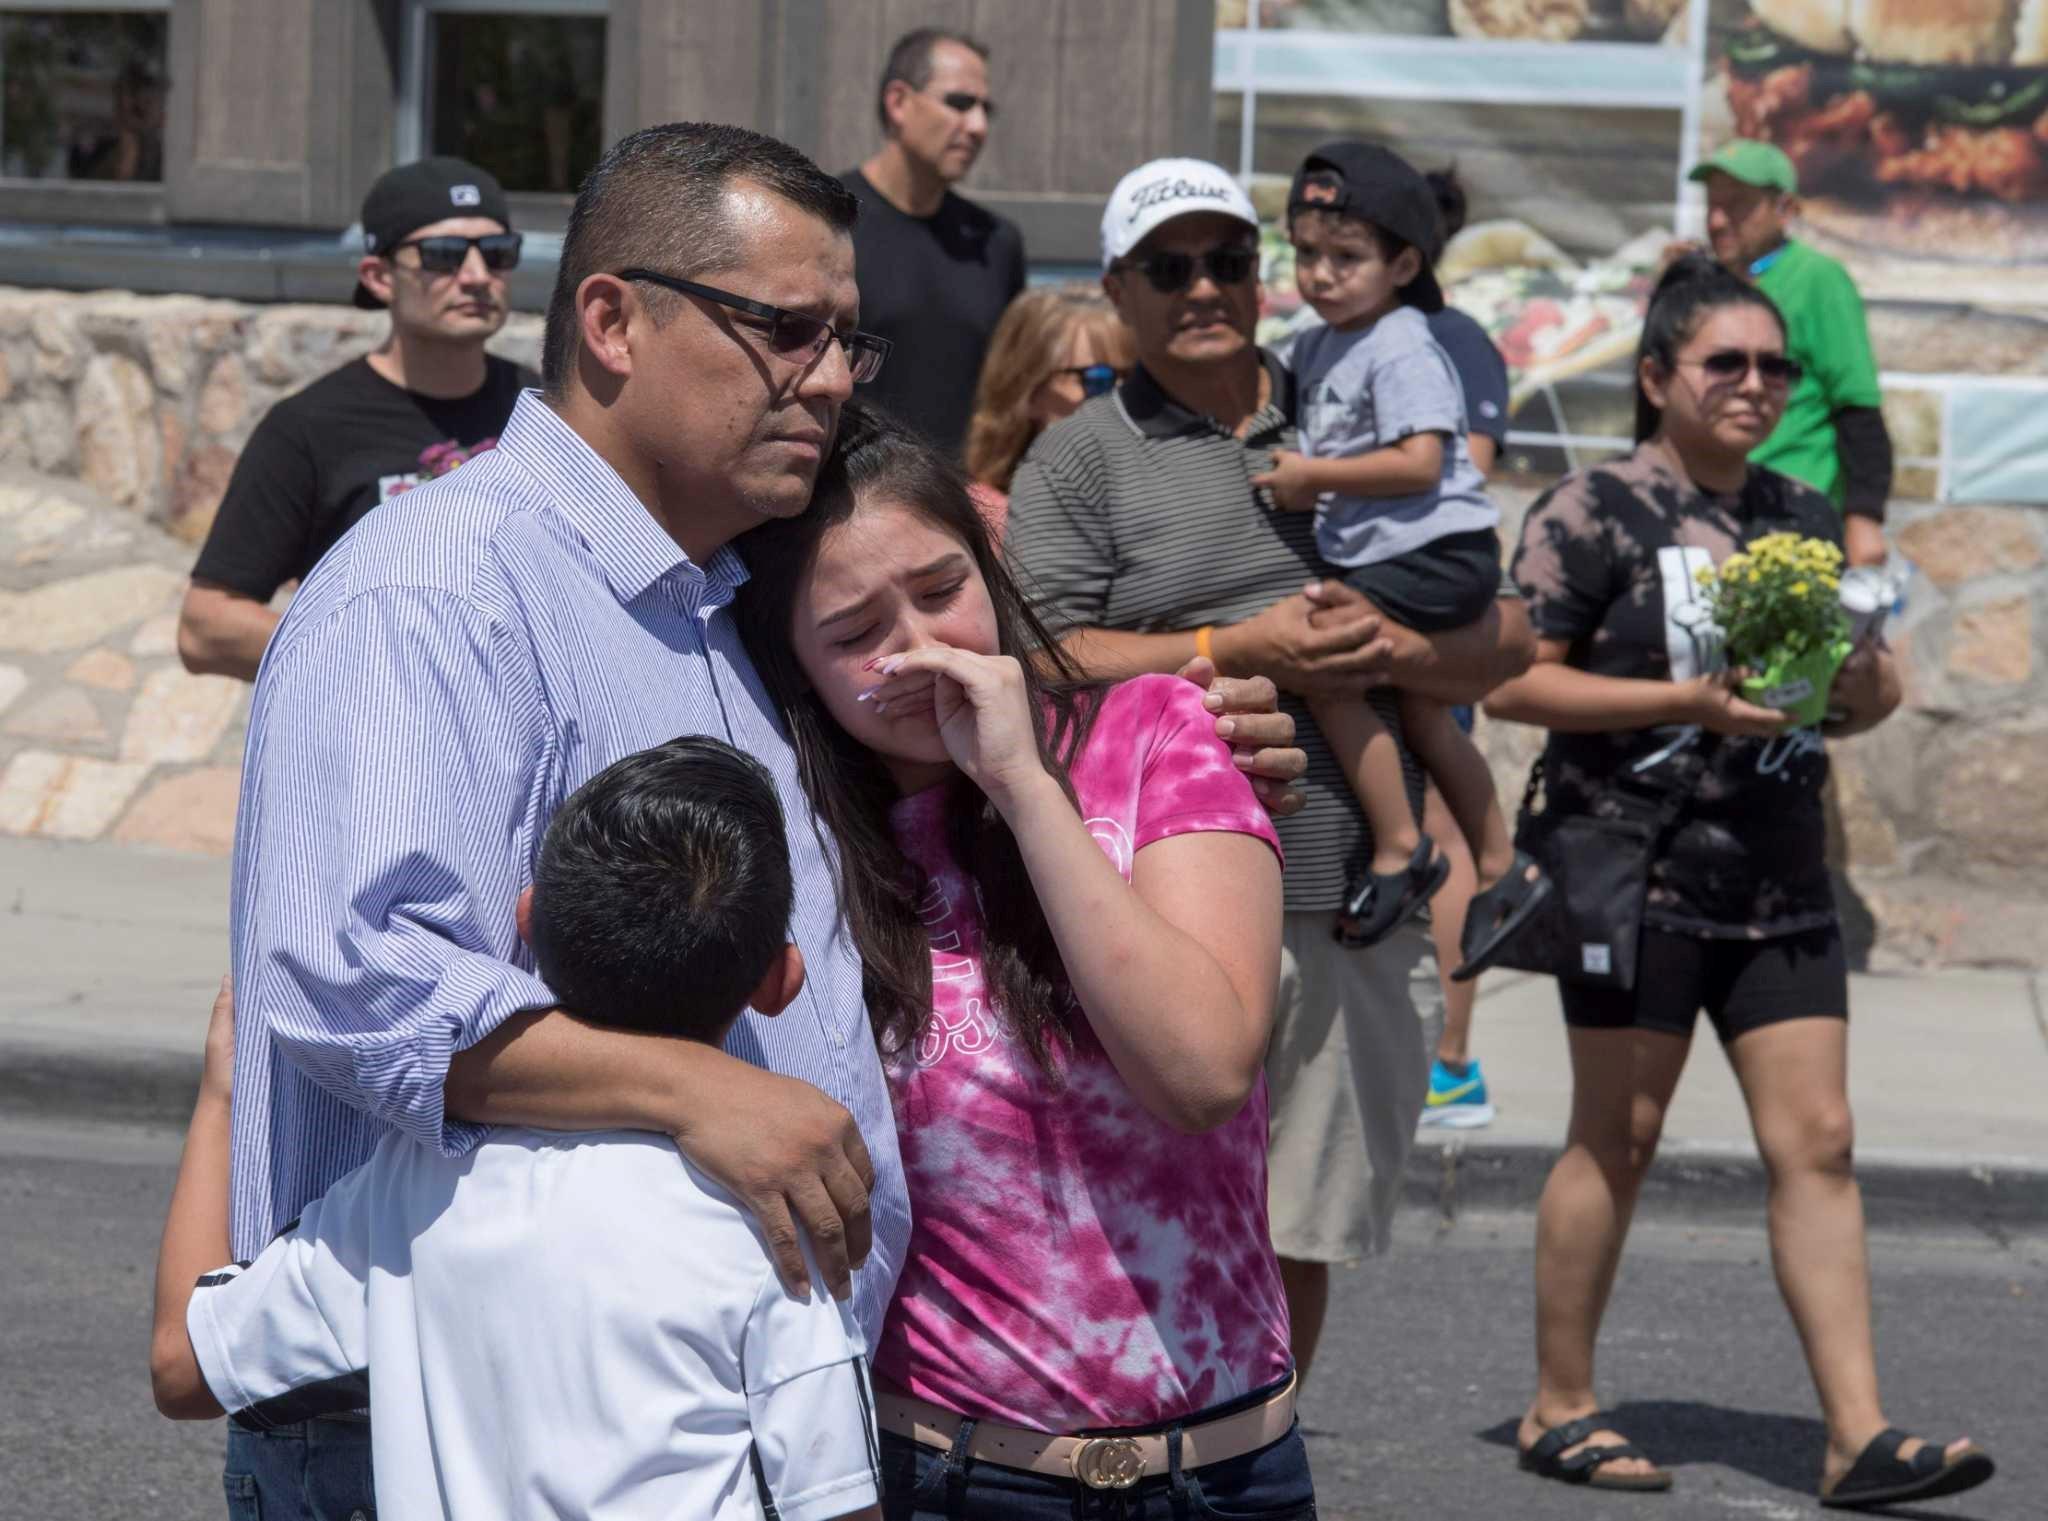 Mediat publikojnë dëshminë, autori i masakrës në El Paso: Doja të vrisja meksikanët